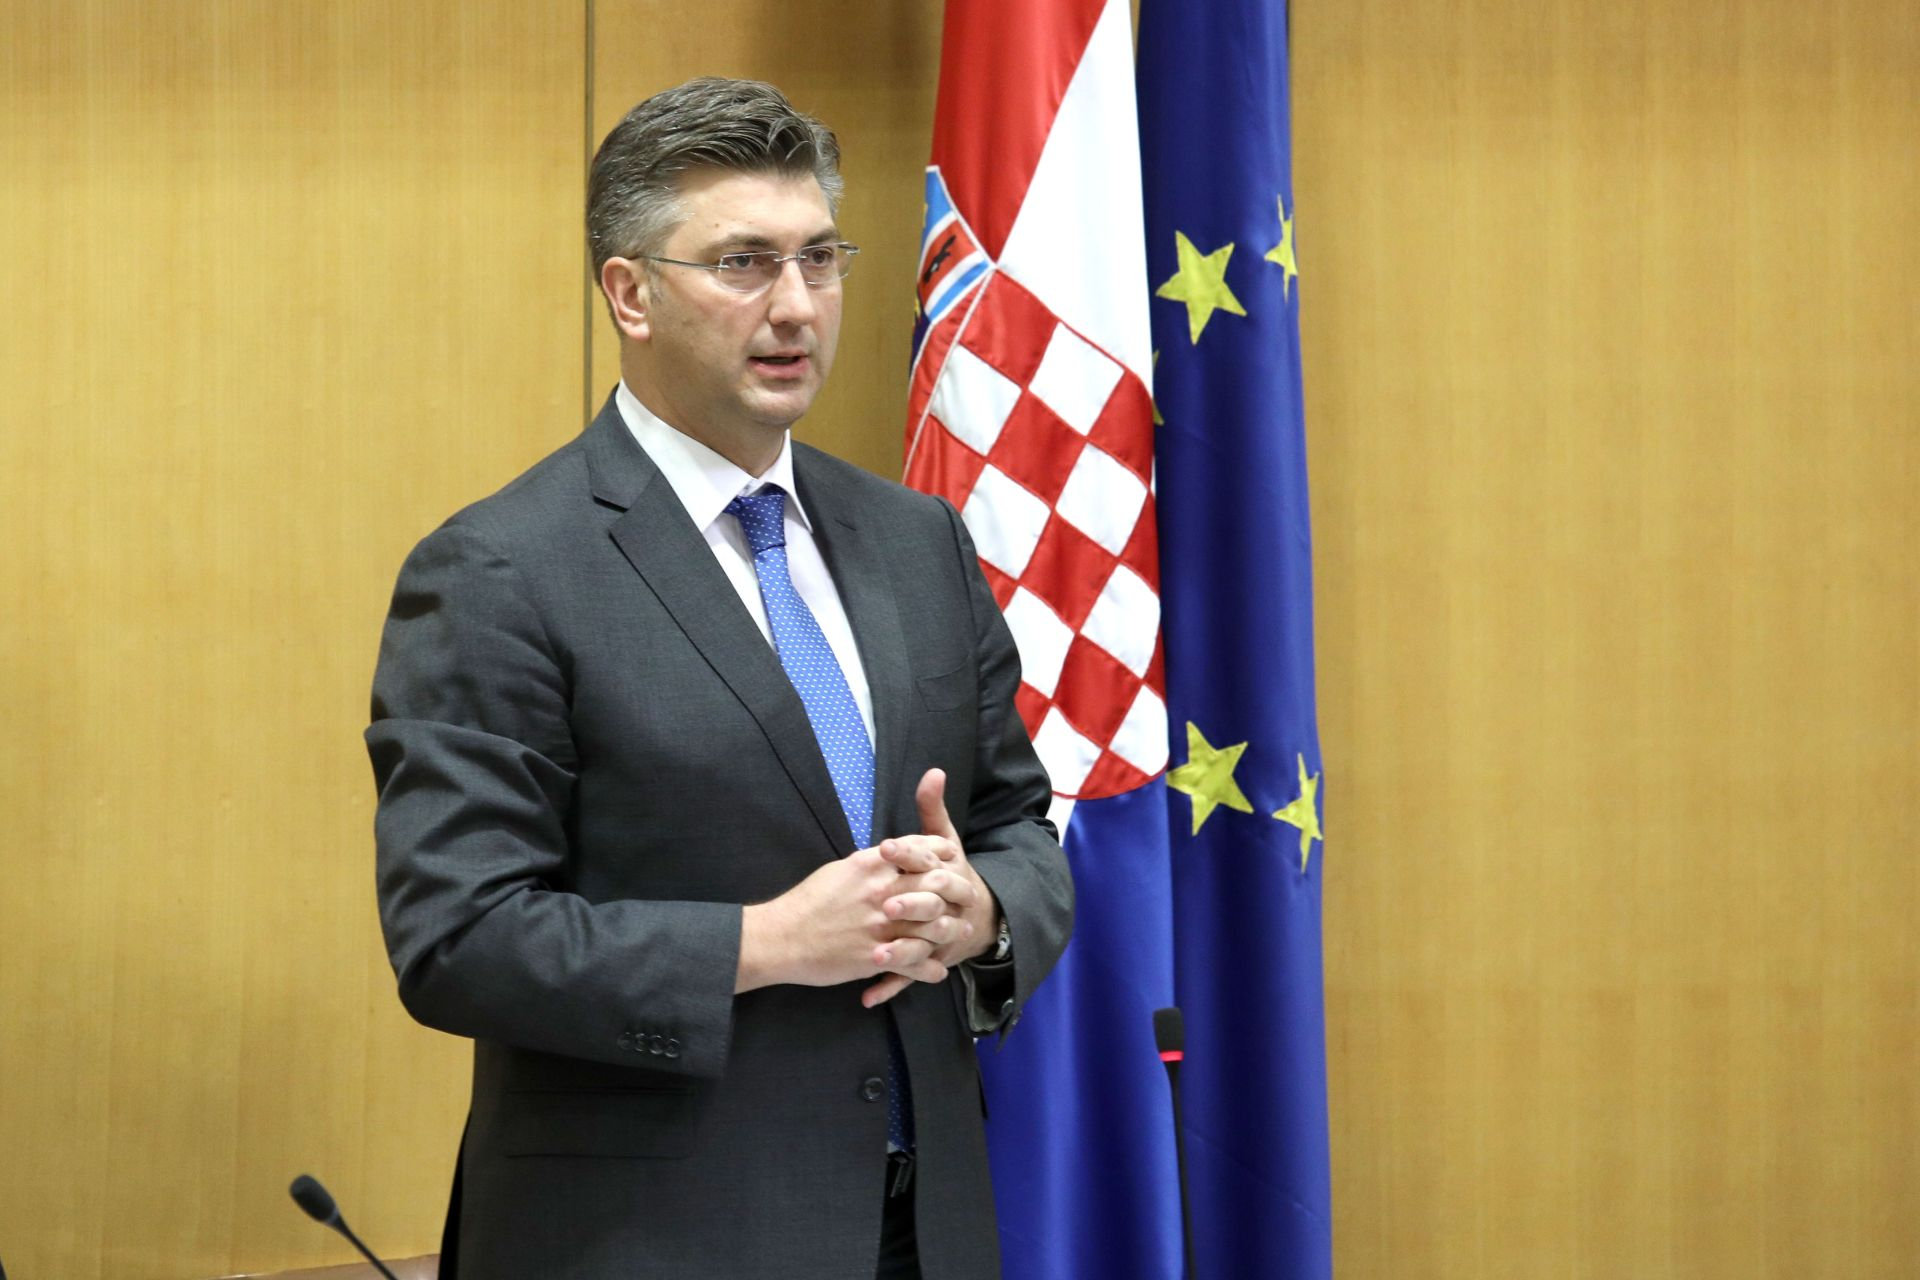 SABOR Premijer Plenković o sastancima Europskog vijeća tijekom 2016.